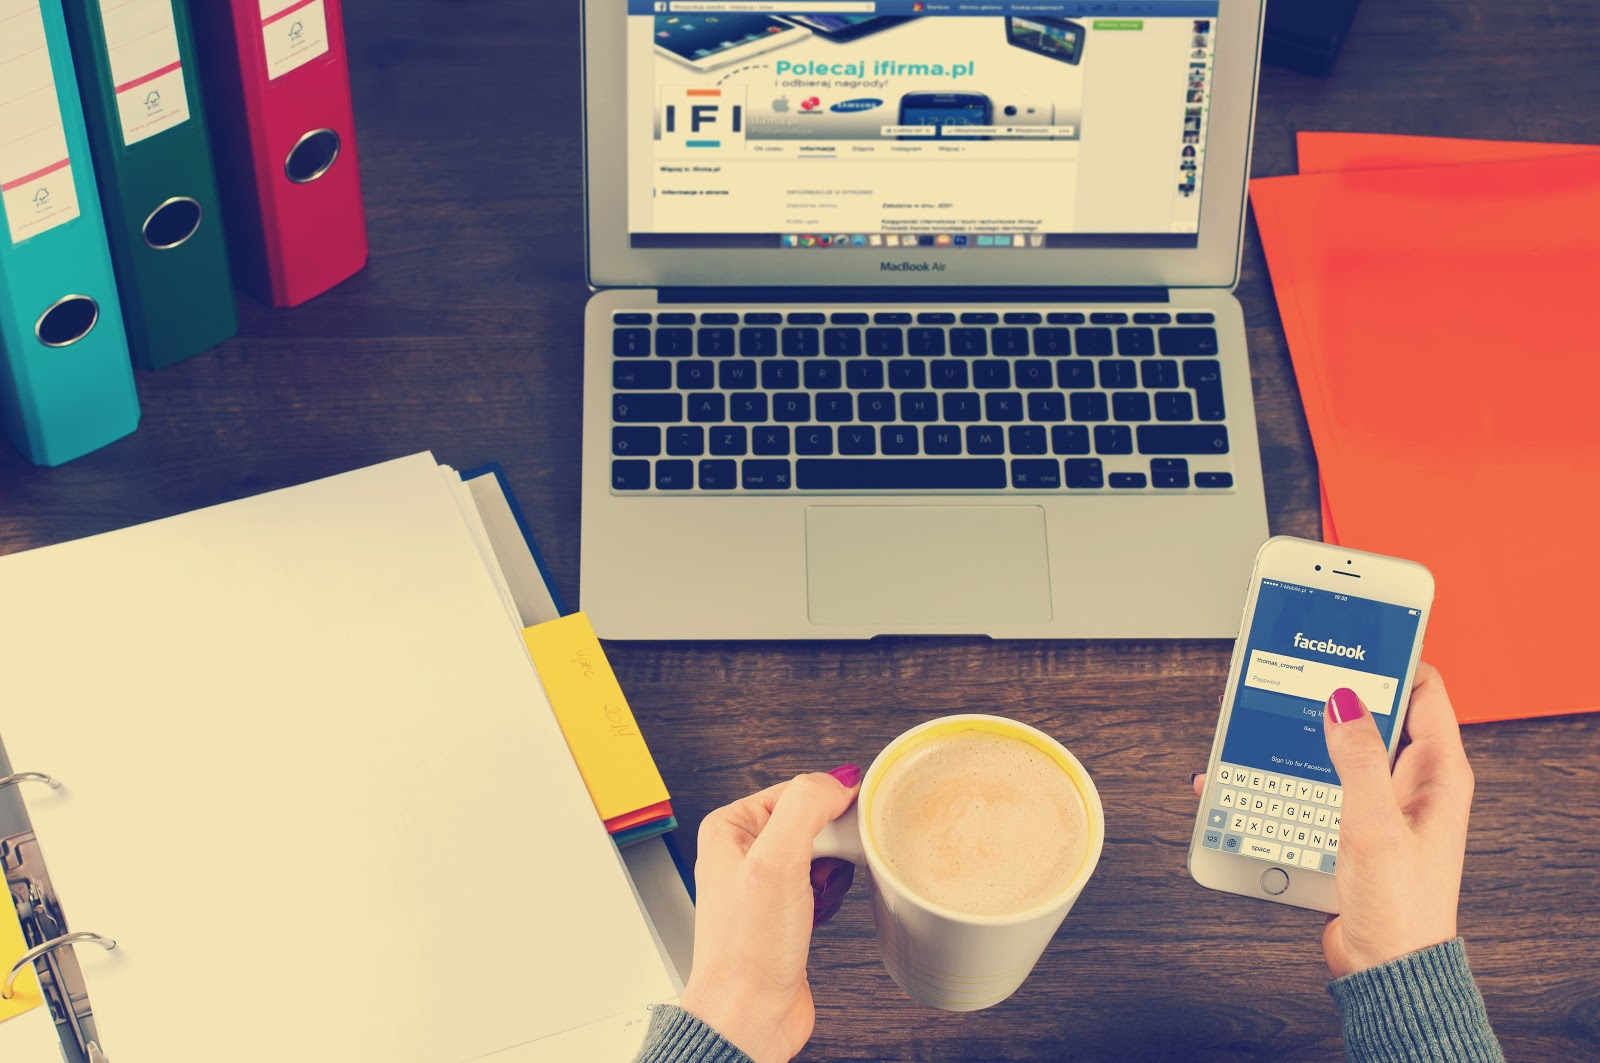 photographie d'une femme qui tient un chocolat chaud et son portable avec l'application facebook d'ouverte.